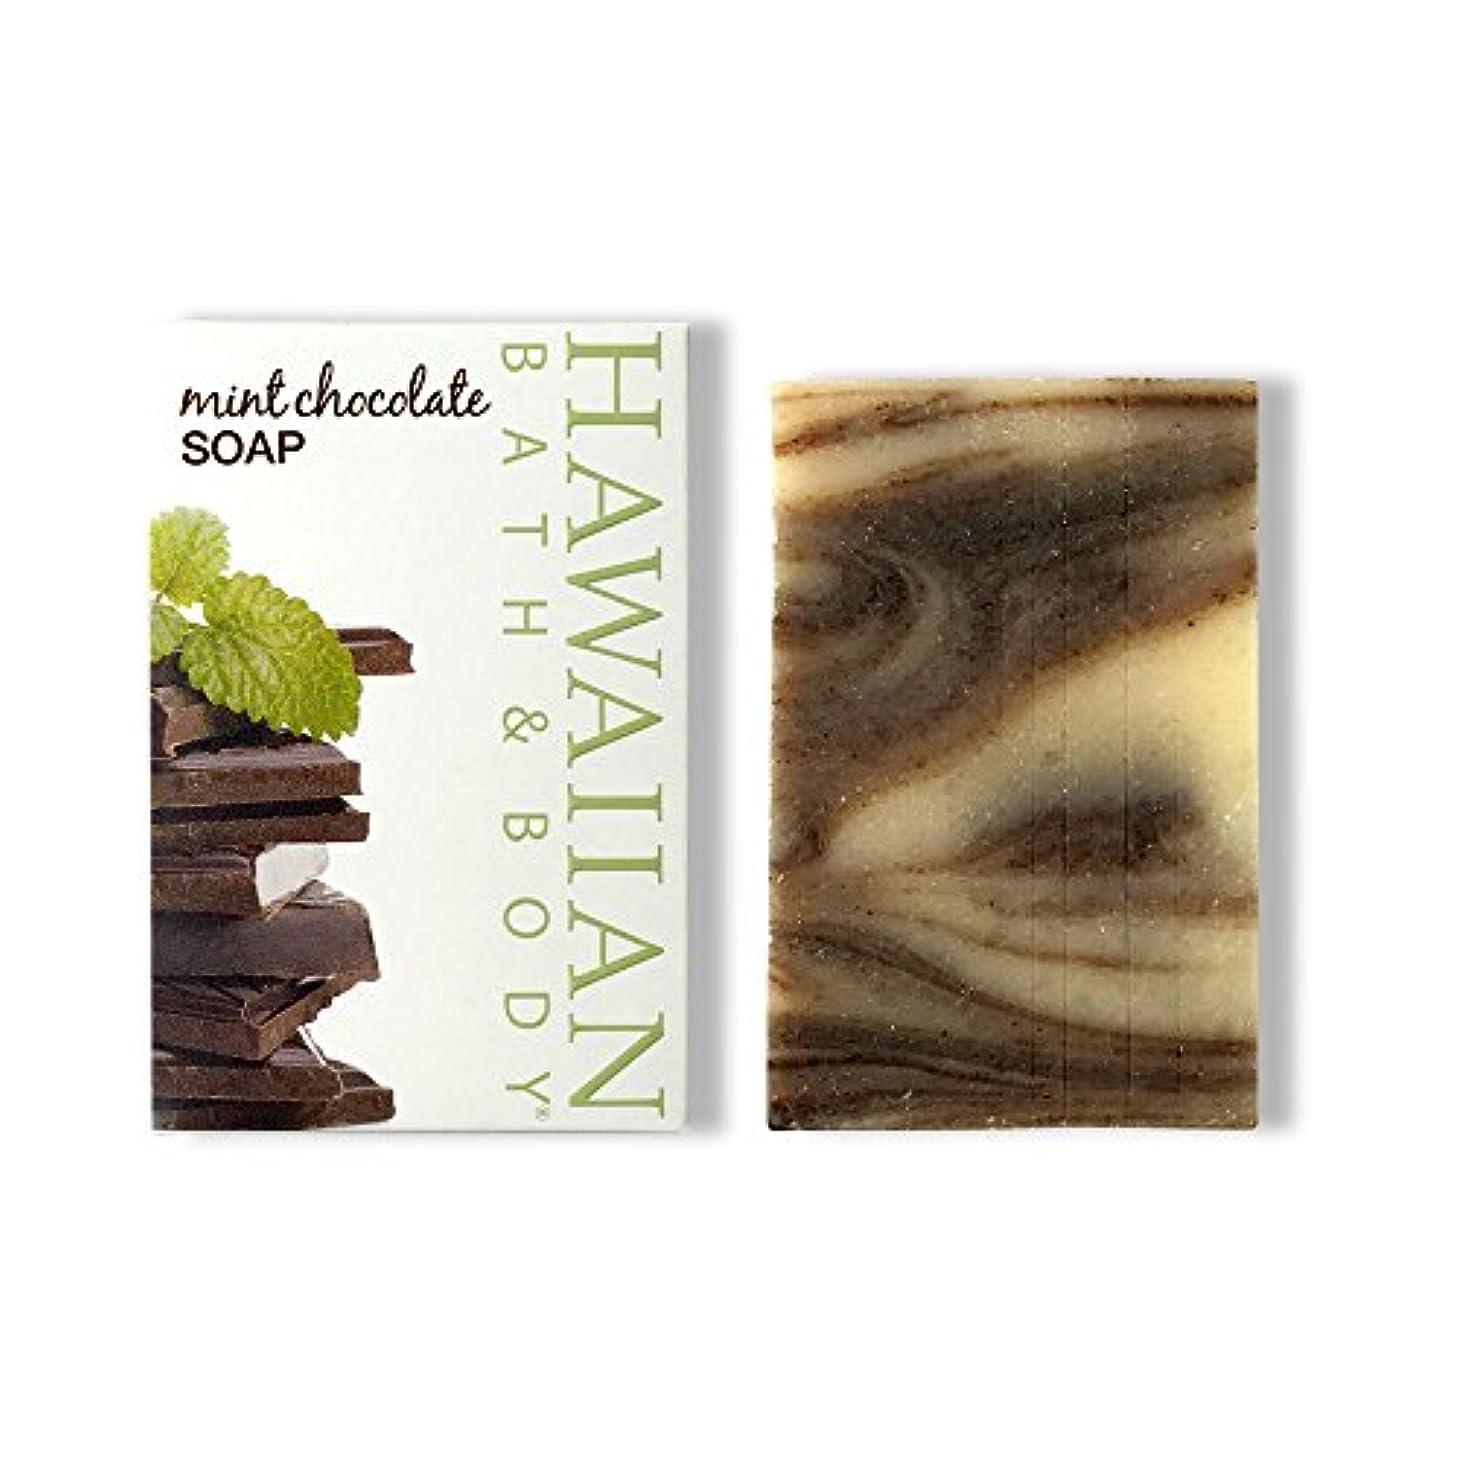 凝視薬局パドルハワイアンバス&ボディ ハワイアン?ミントチョコレートソープ ( Hawaii Mint Chocolate Soap )